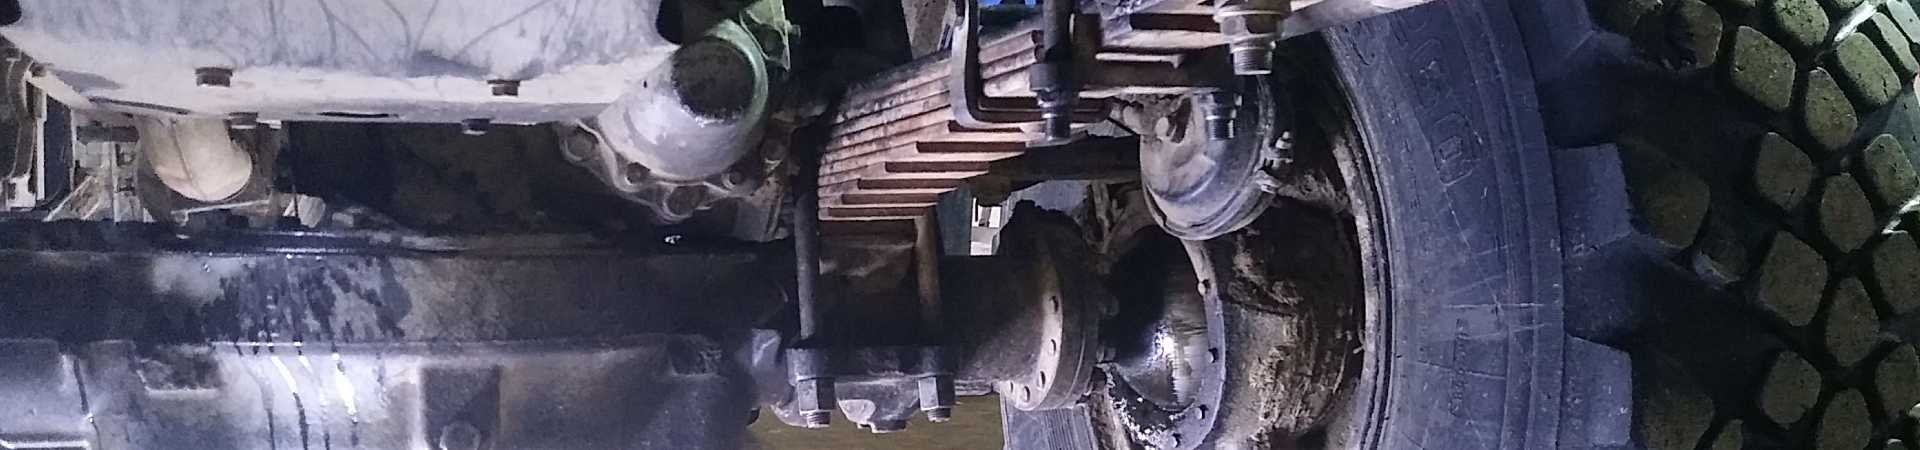 Ремонт ходовой части грузовых автомобилей в Нижнем Новгороде